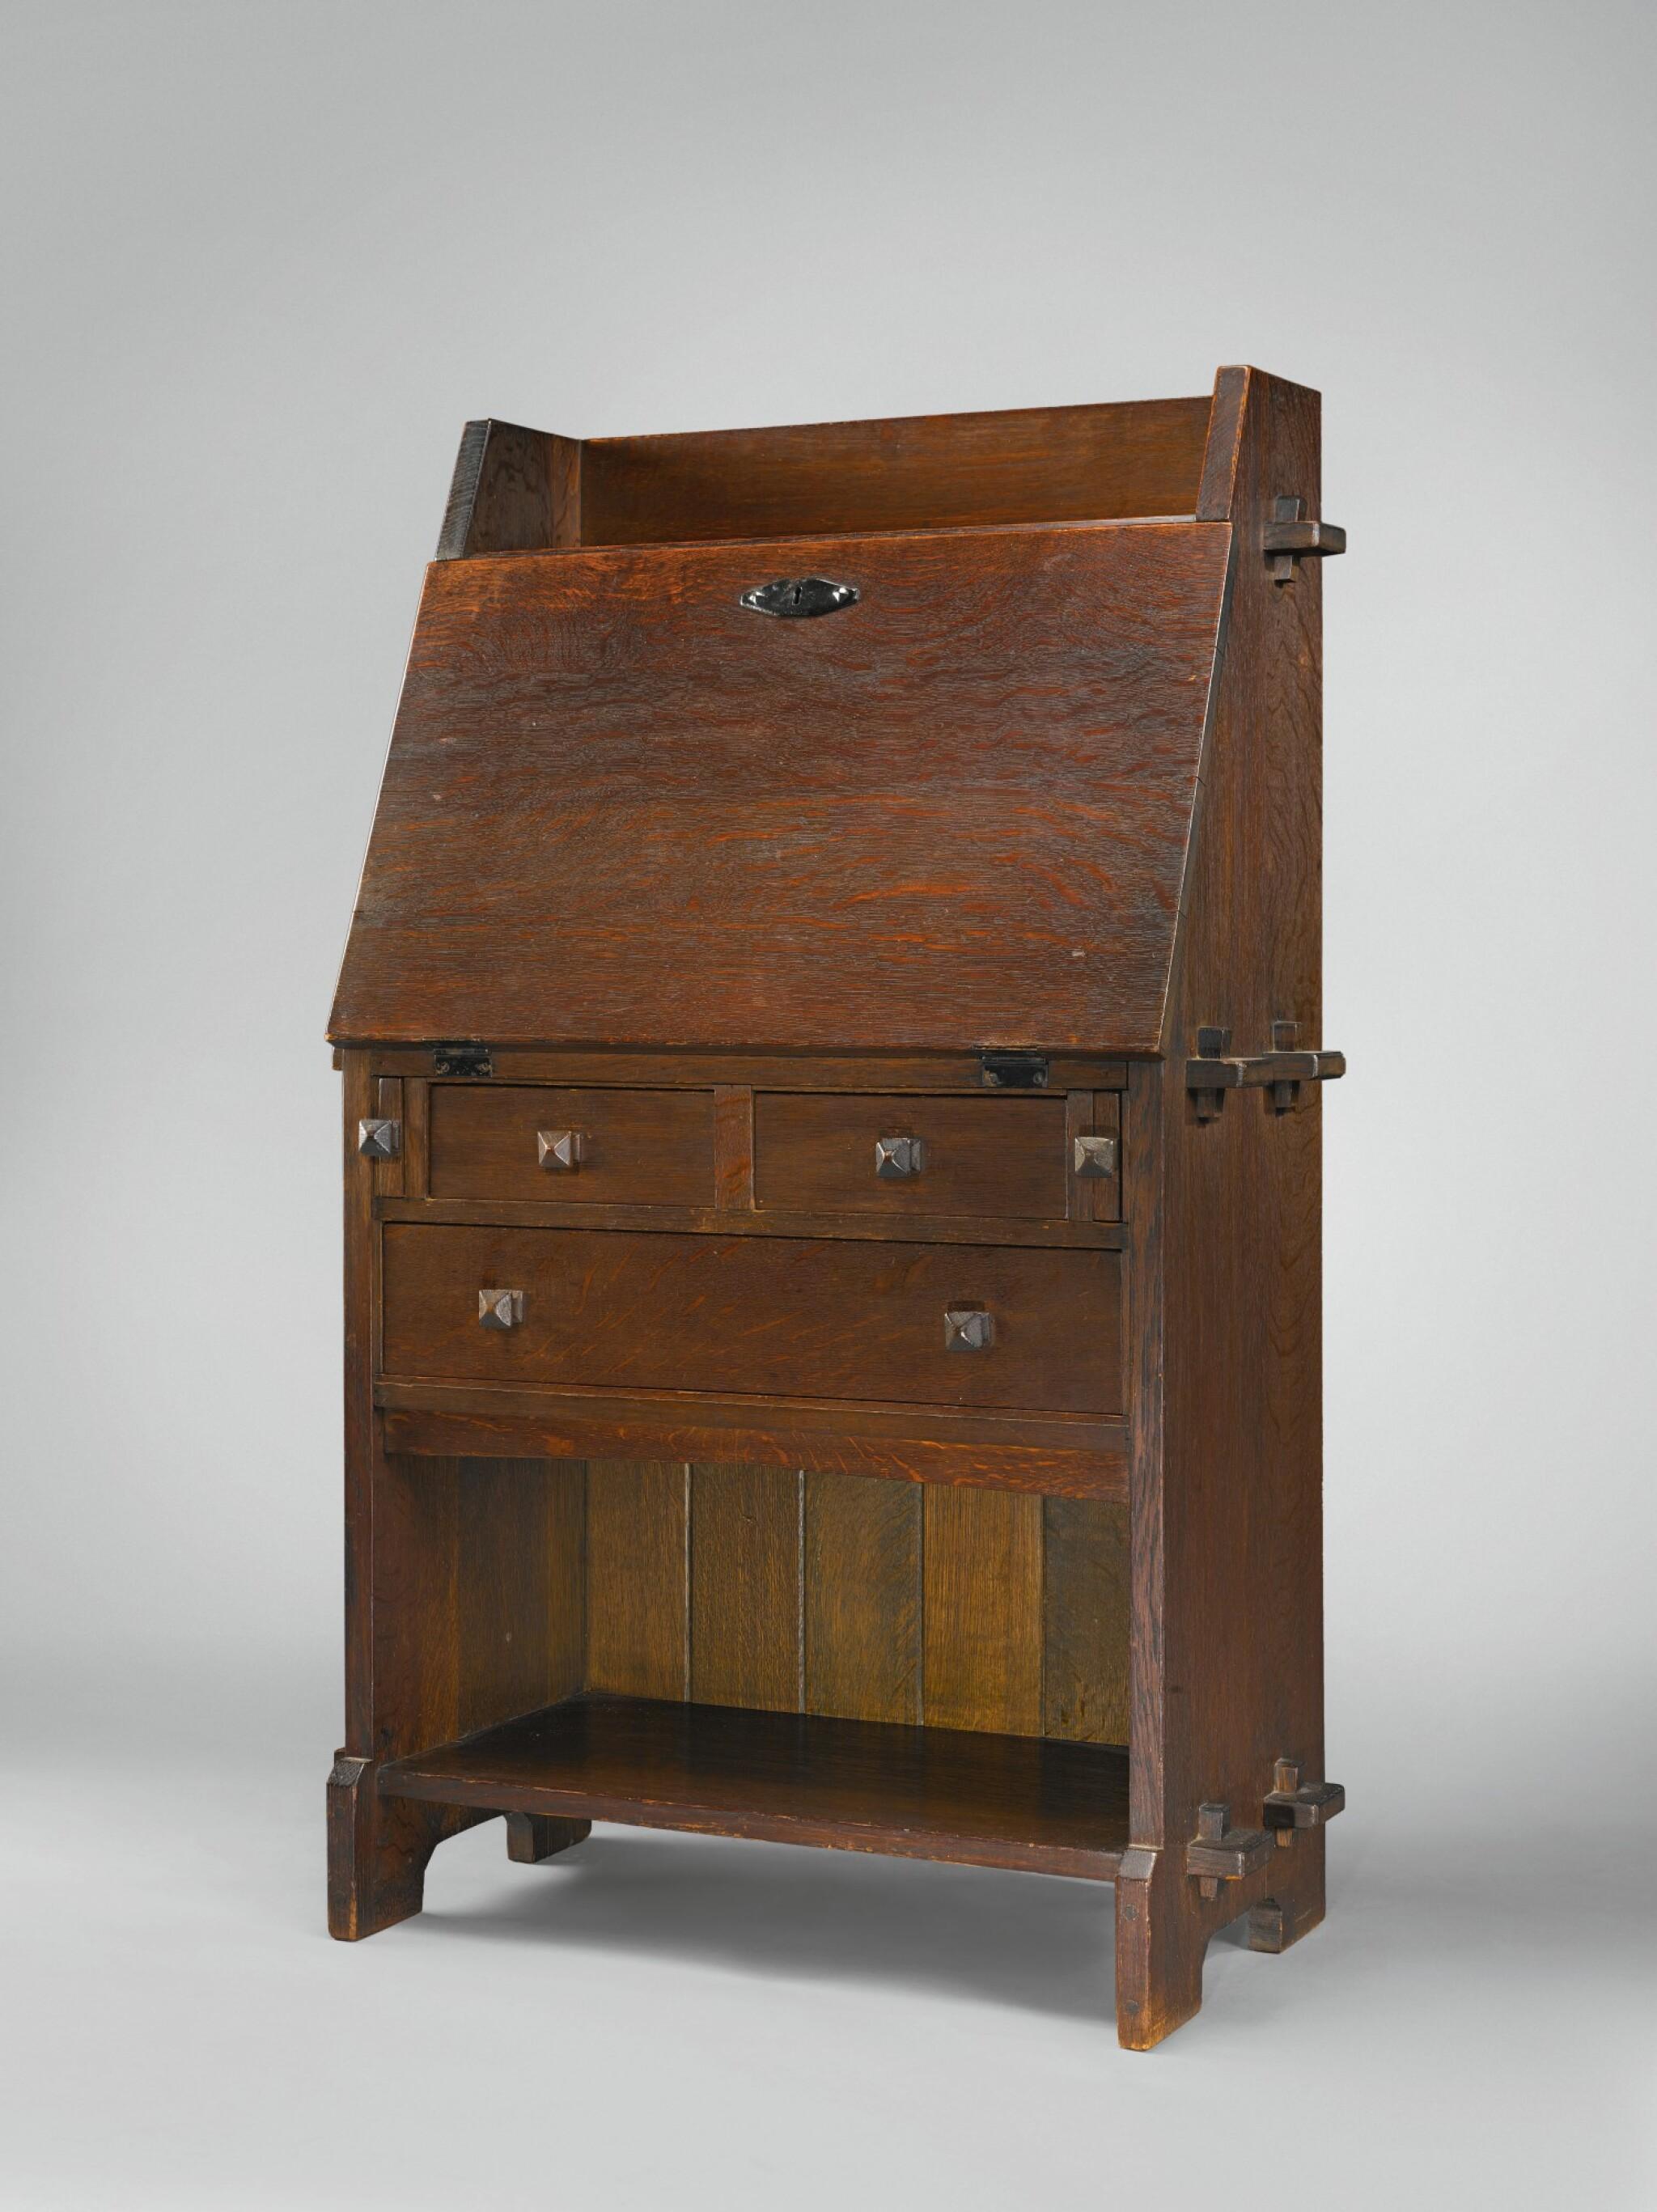 View 1 of Lot 319. A Rare Writing Desk, Model No. 521.